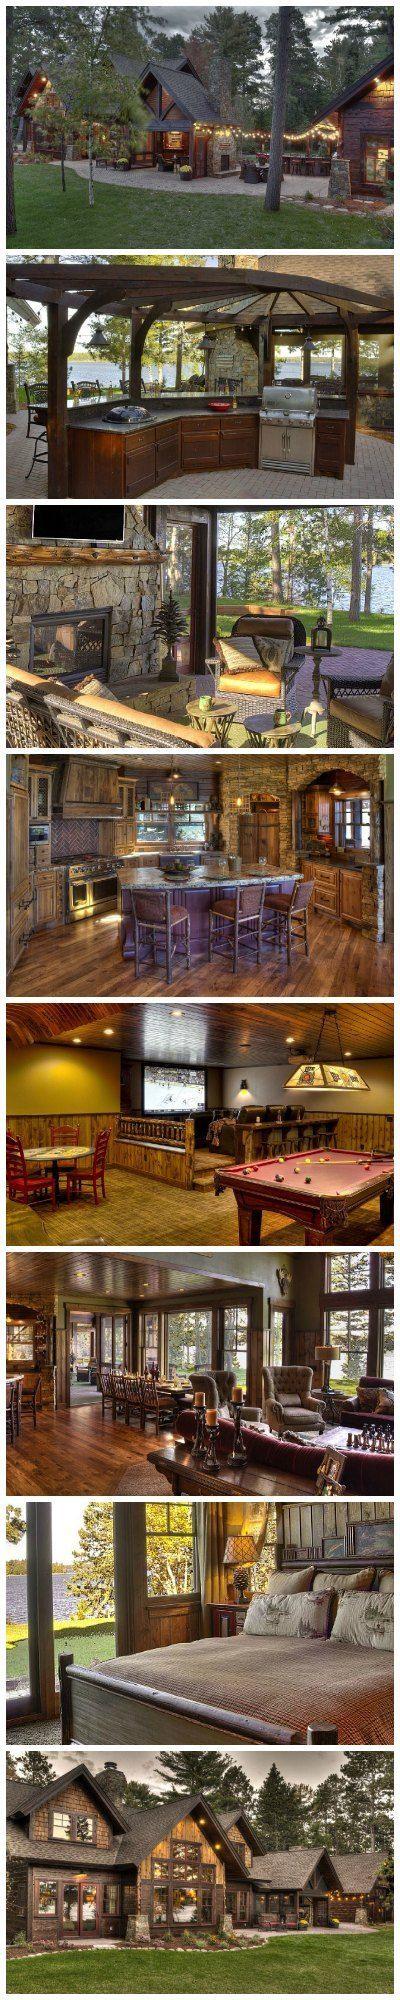 Haz de tu casa campestre un lujo en todos los detalles, empieza en nuestra página www.rkconstructions.weebly.com